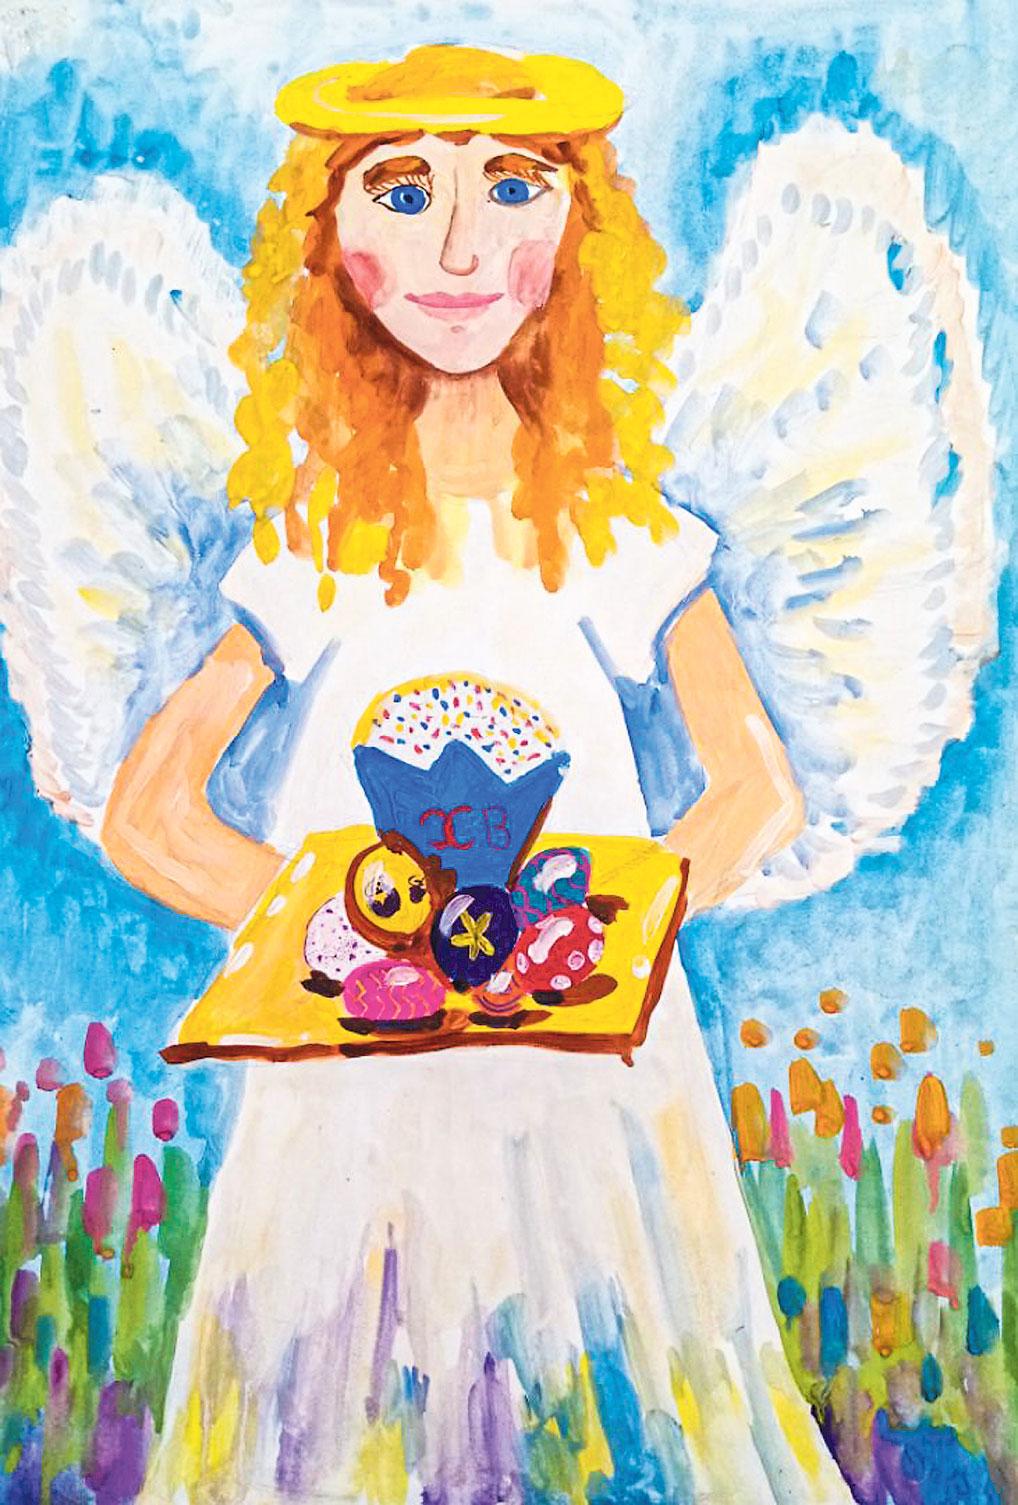 """Полина Фурса к выполнению работ подходит всегда очень ответственно и вдумчиво. Ее """"Пасхальный ангел"""" вместе с угощением дарит всем улыбку и добро."""